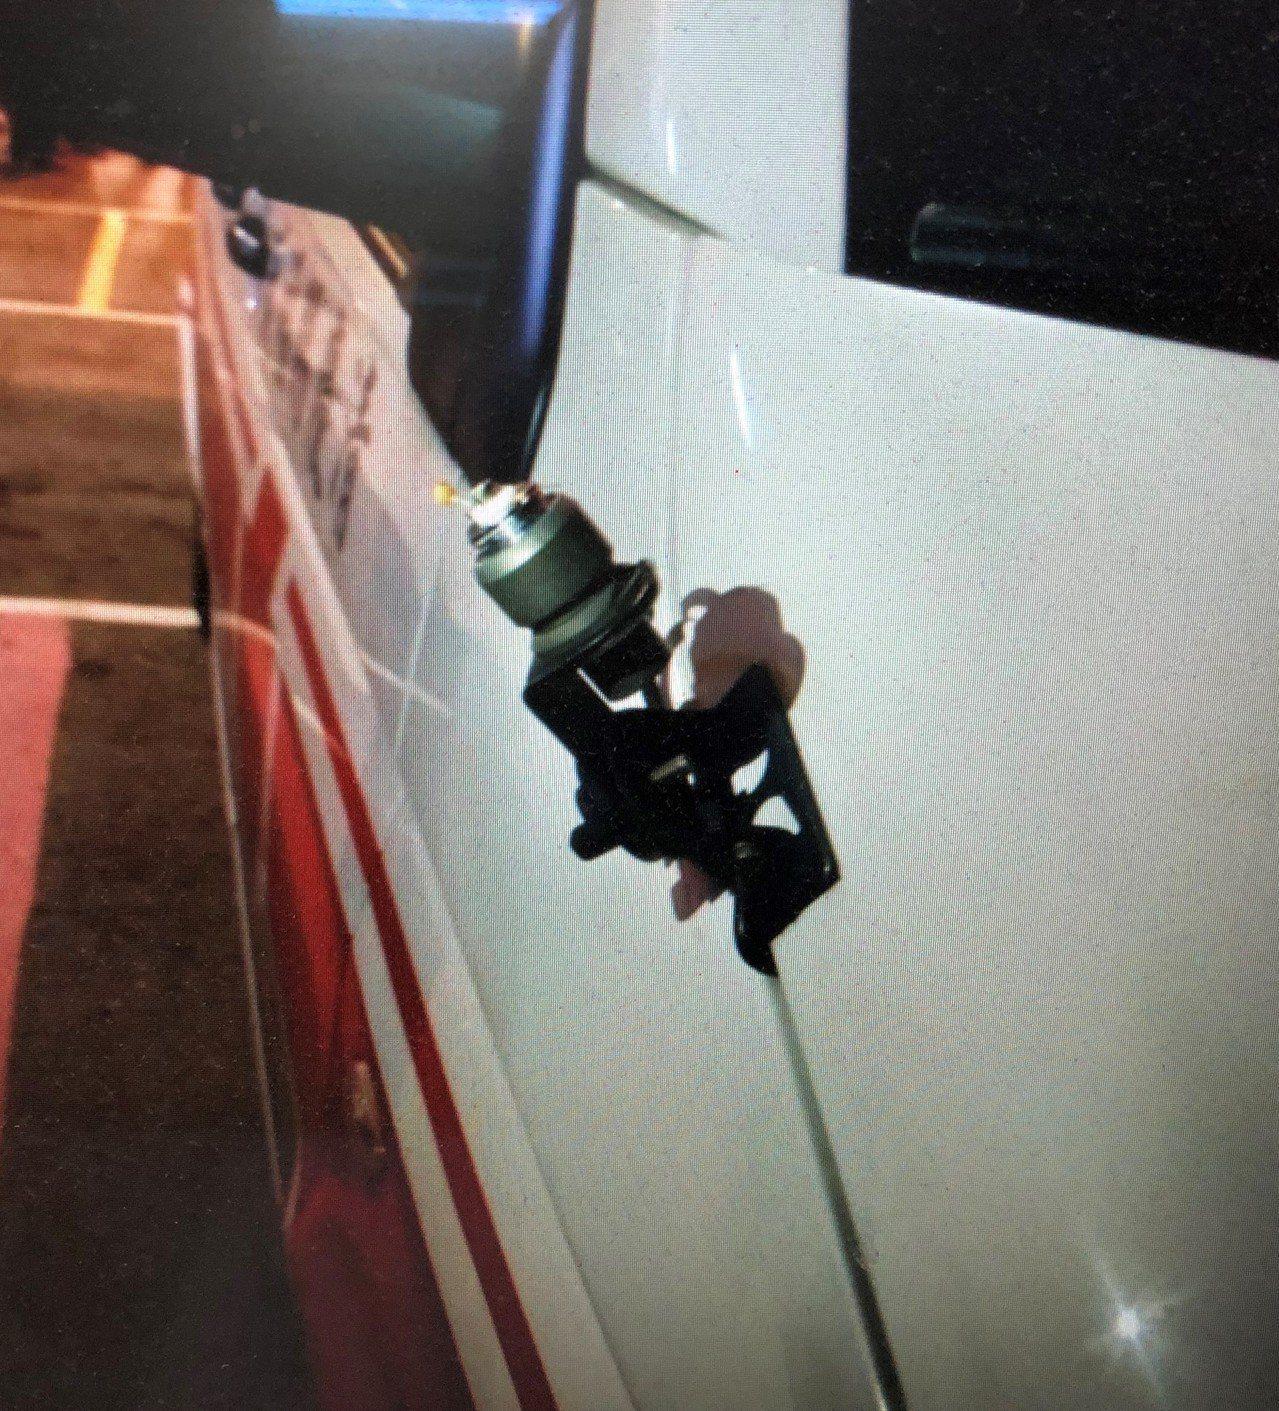 救護車上的無線電也被王給扯壞。記者邵心杰/翻攝